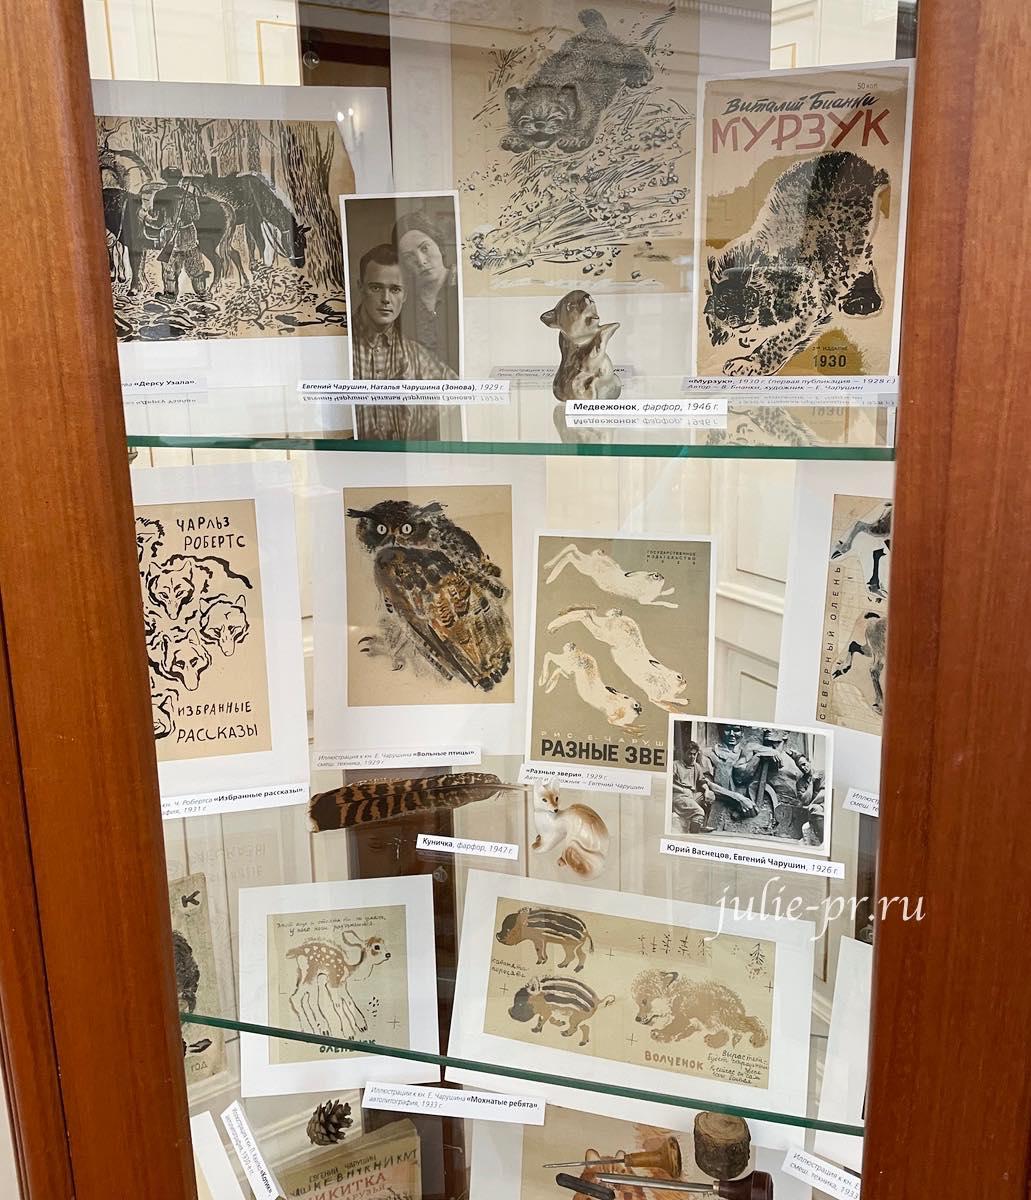 выставка, художник Евгений Иванович Чарушин, детская библиотека имени Пушкина